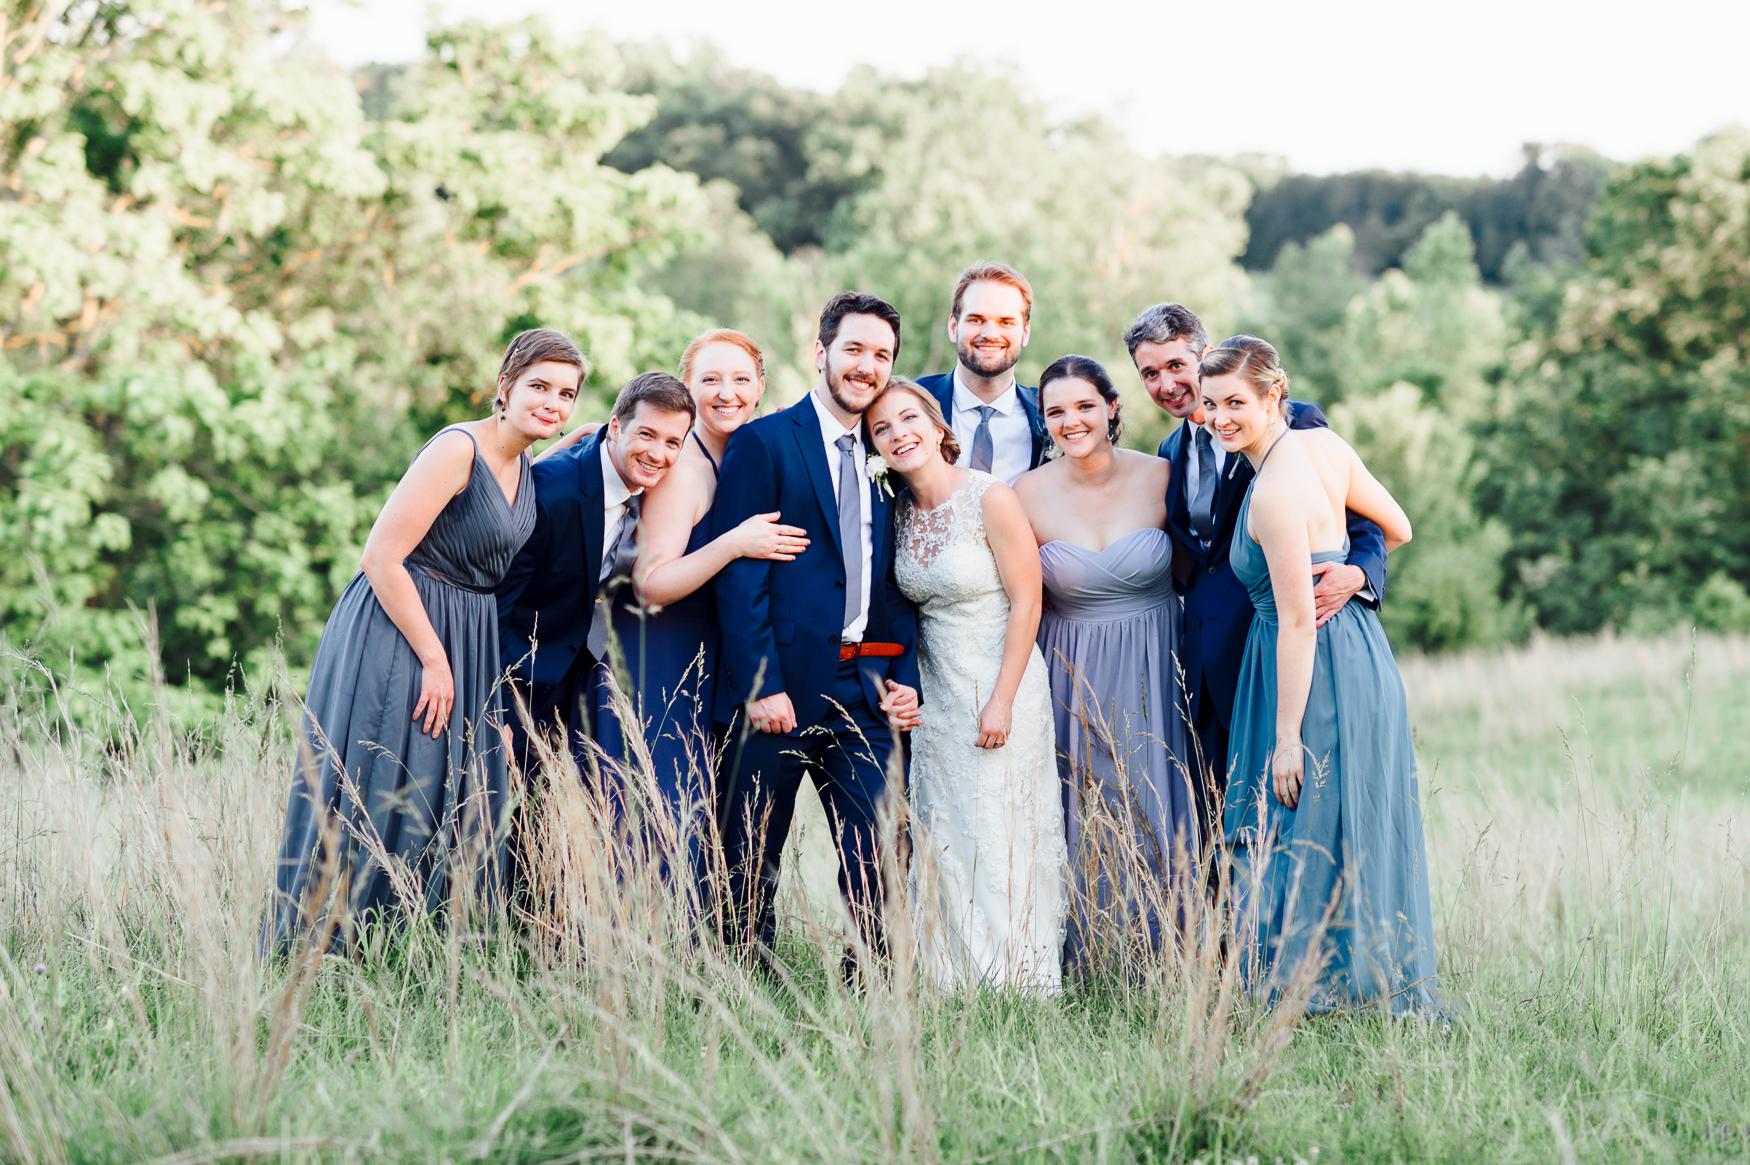 charlottesvillewedding_backyardwedding_virginia_youseephotography_CaitlinDerek (101).jpg